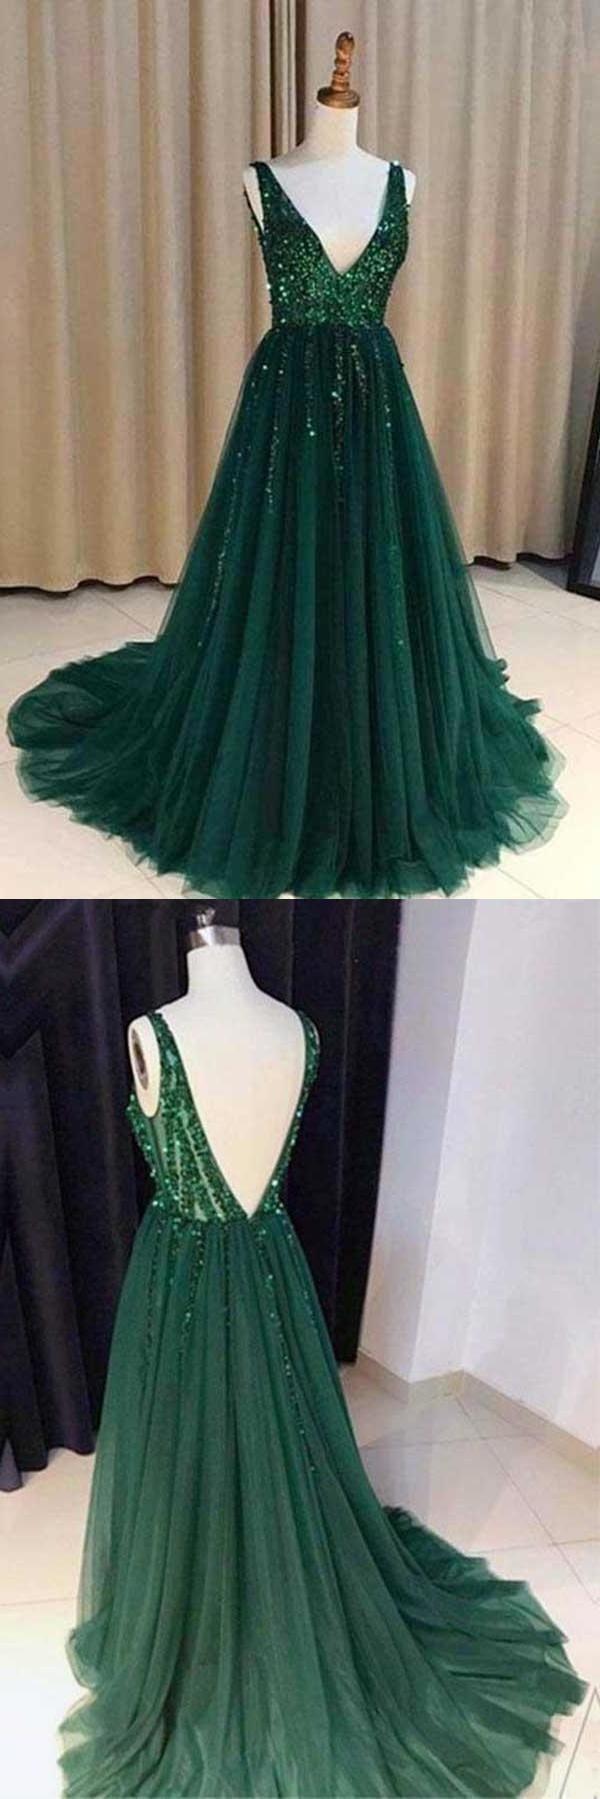 Photo of Chic A-Line V-Ausschnitt rückenfrei dunkelgrün Tüll Abendkleid mit Pailletten Abendkleider